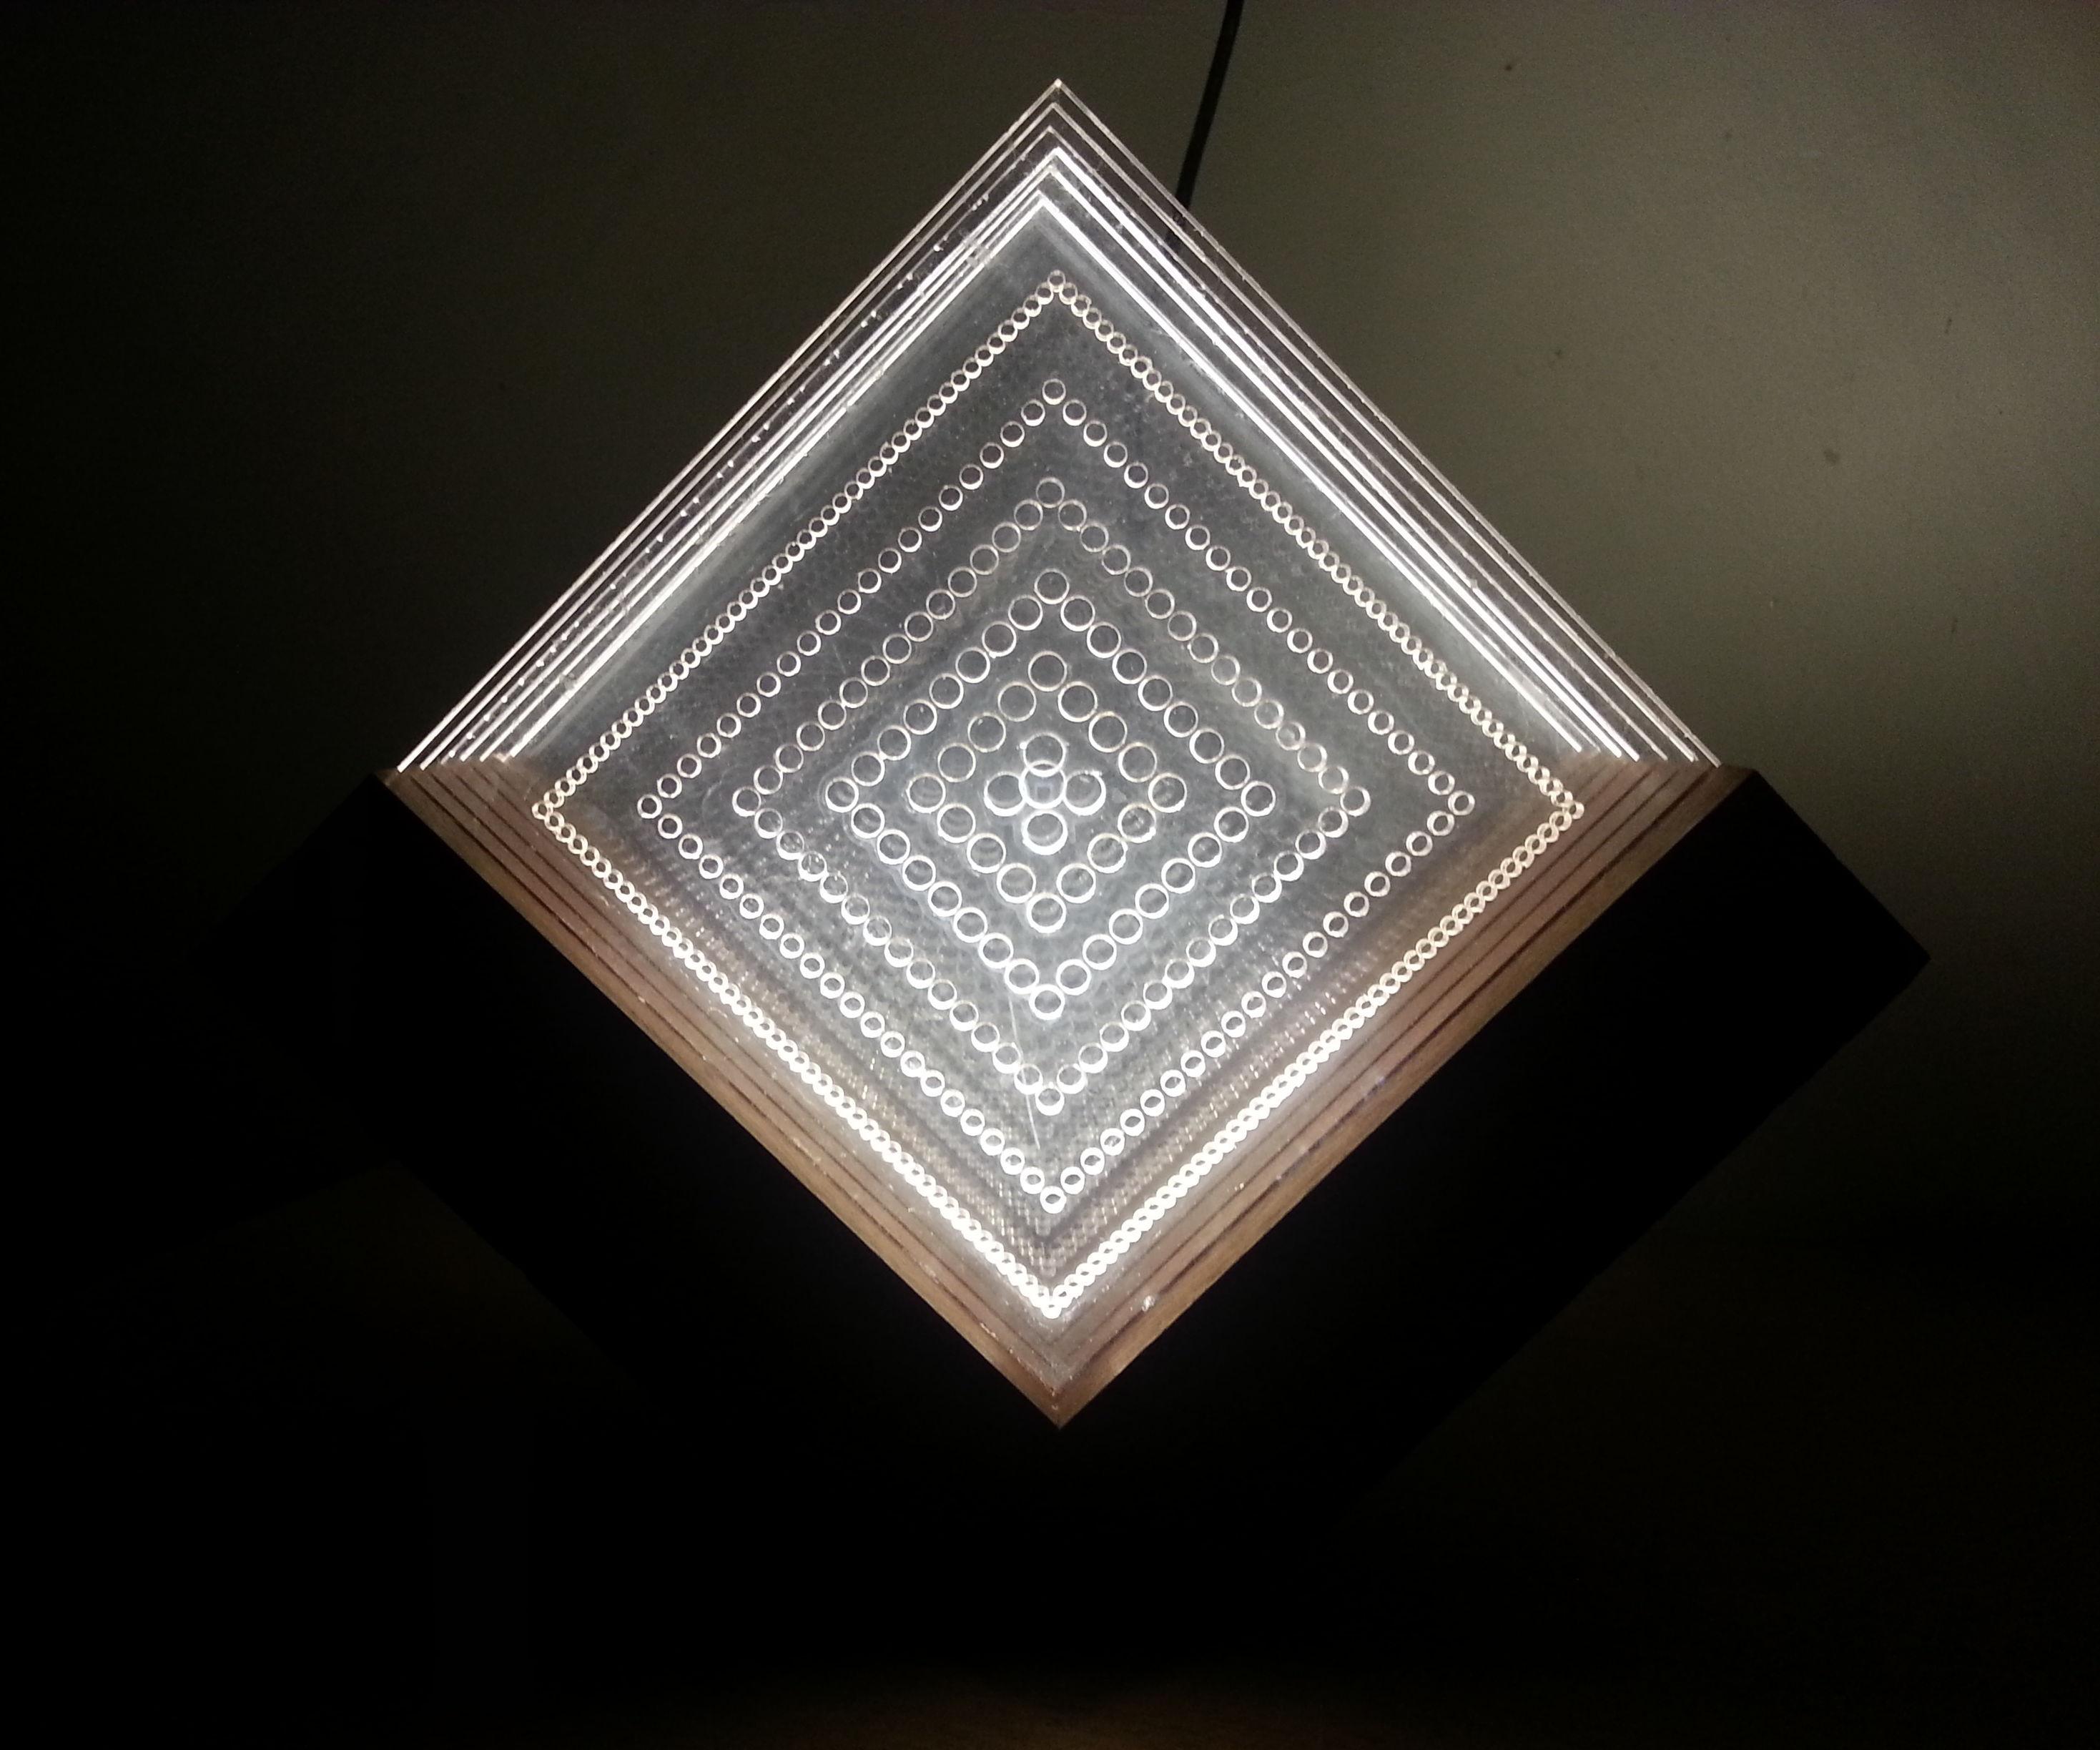 Wooden Plexi Lighting